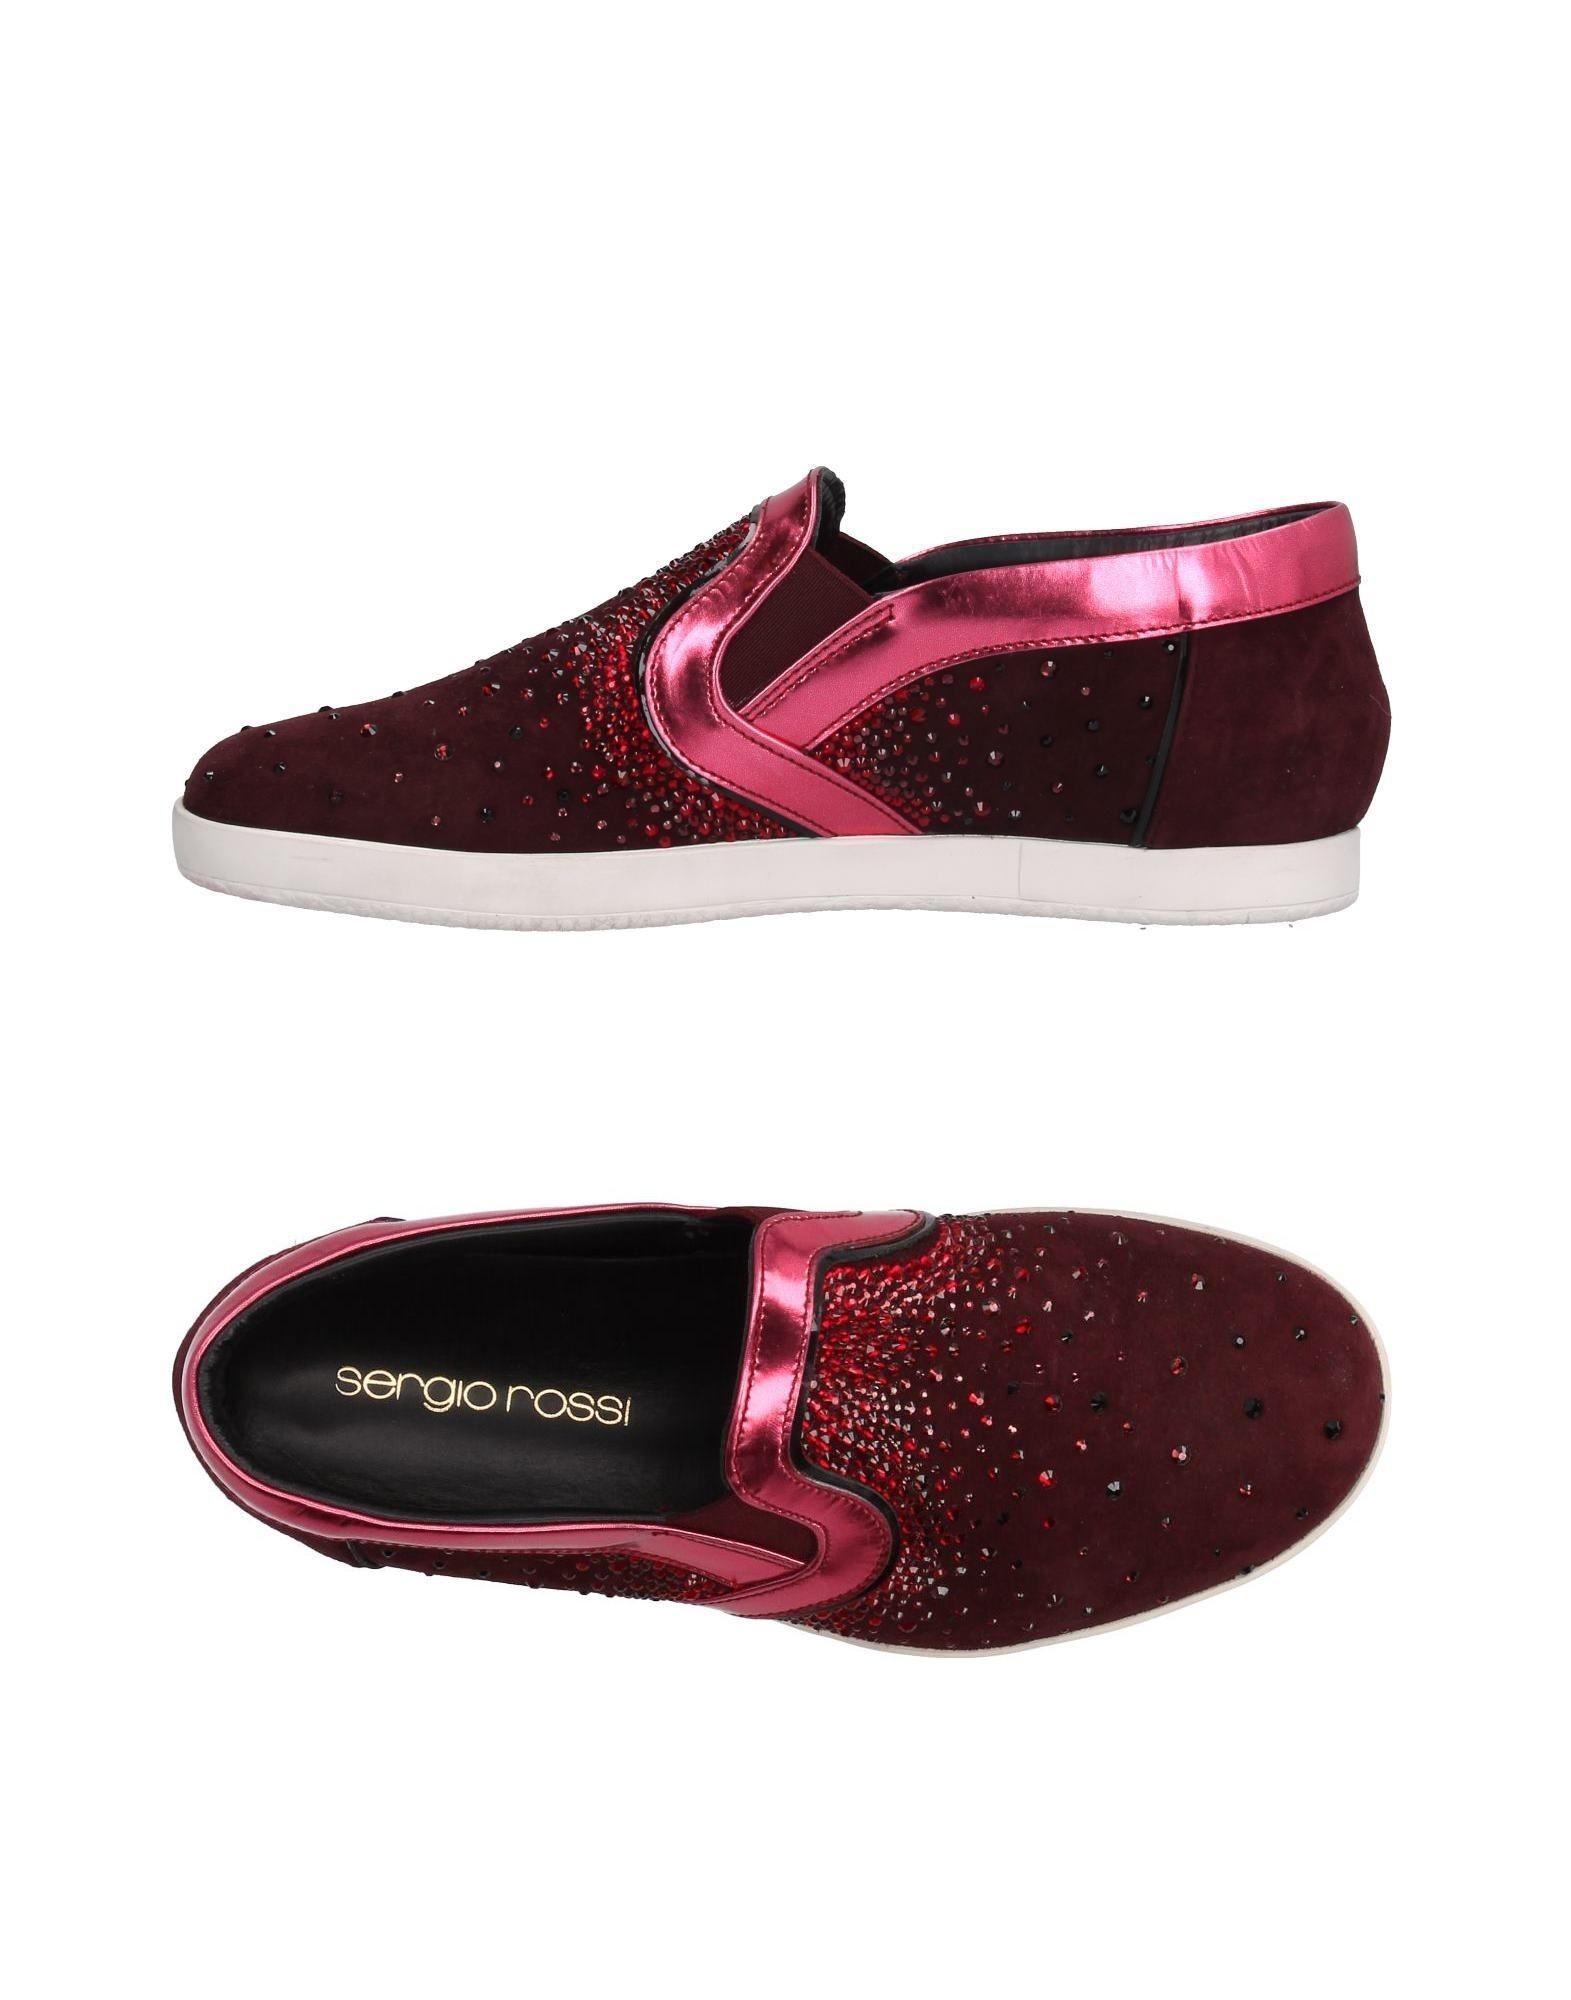 sergio rossi female sergio rossi sneakers